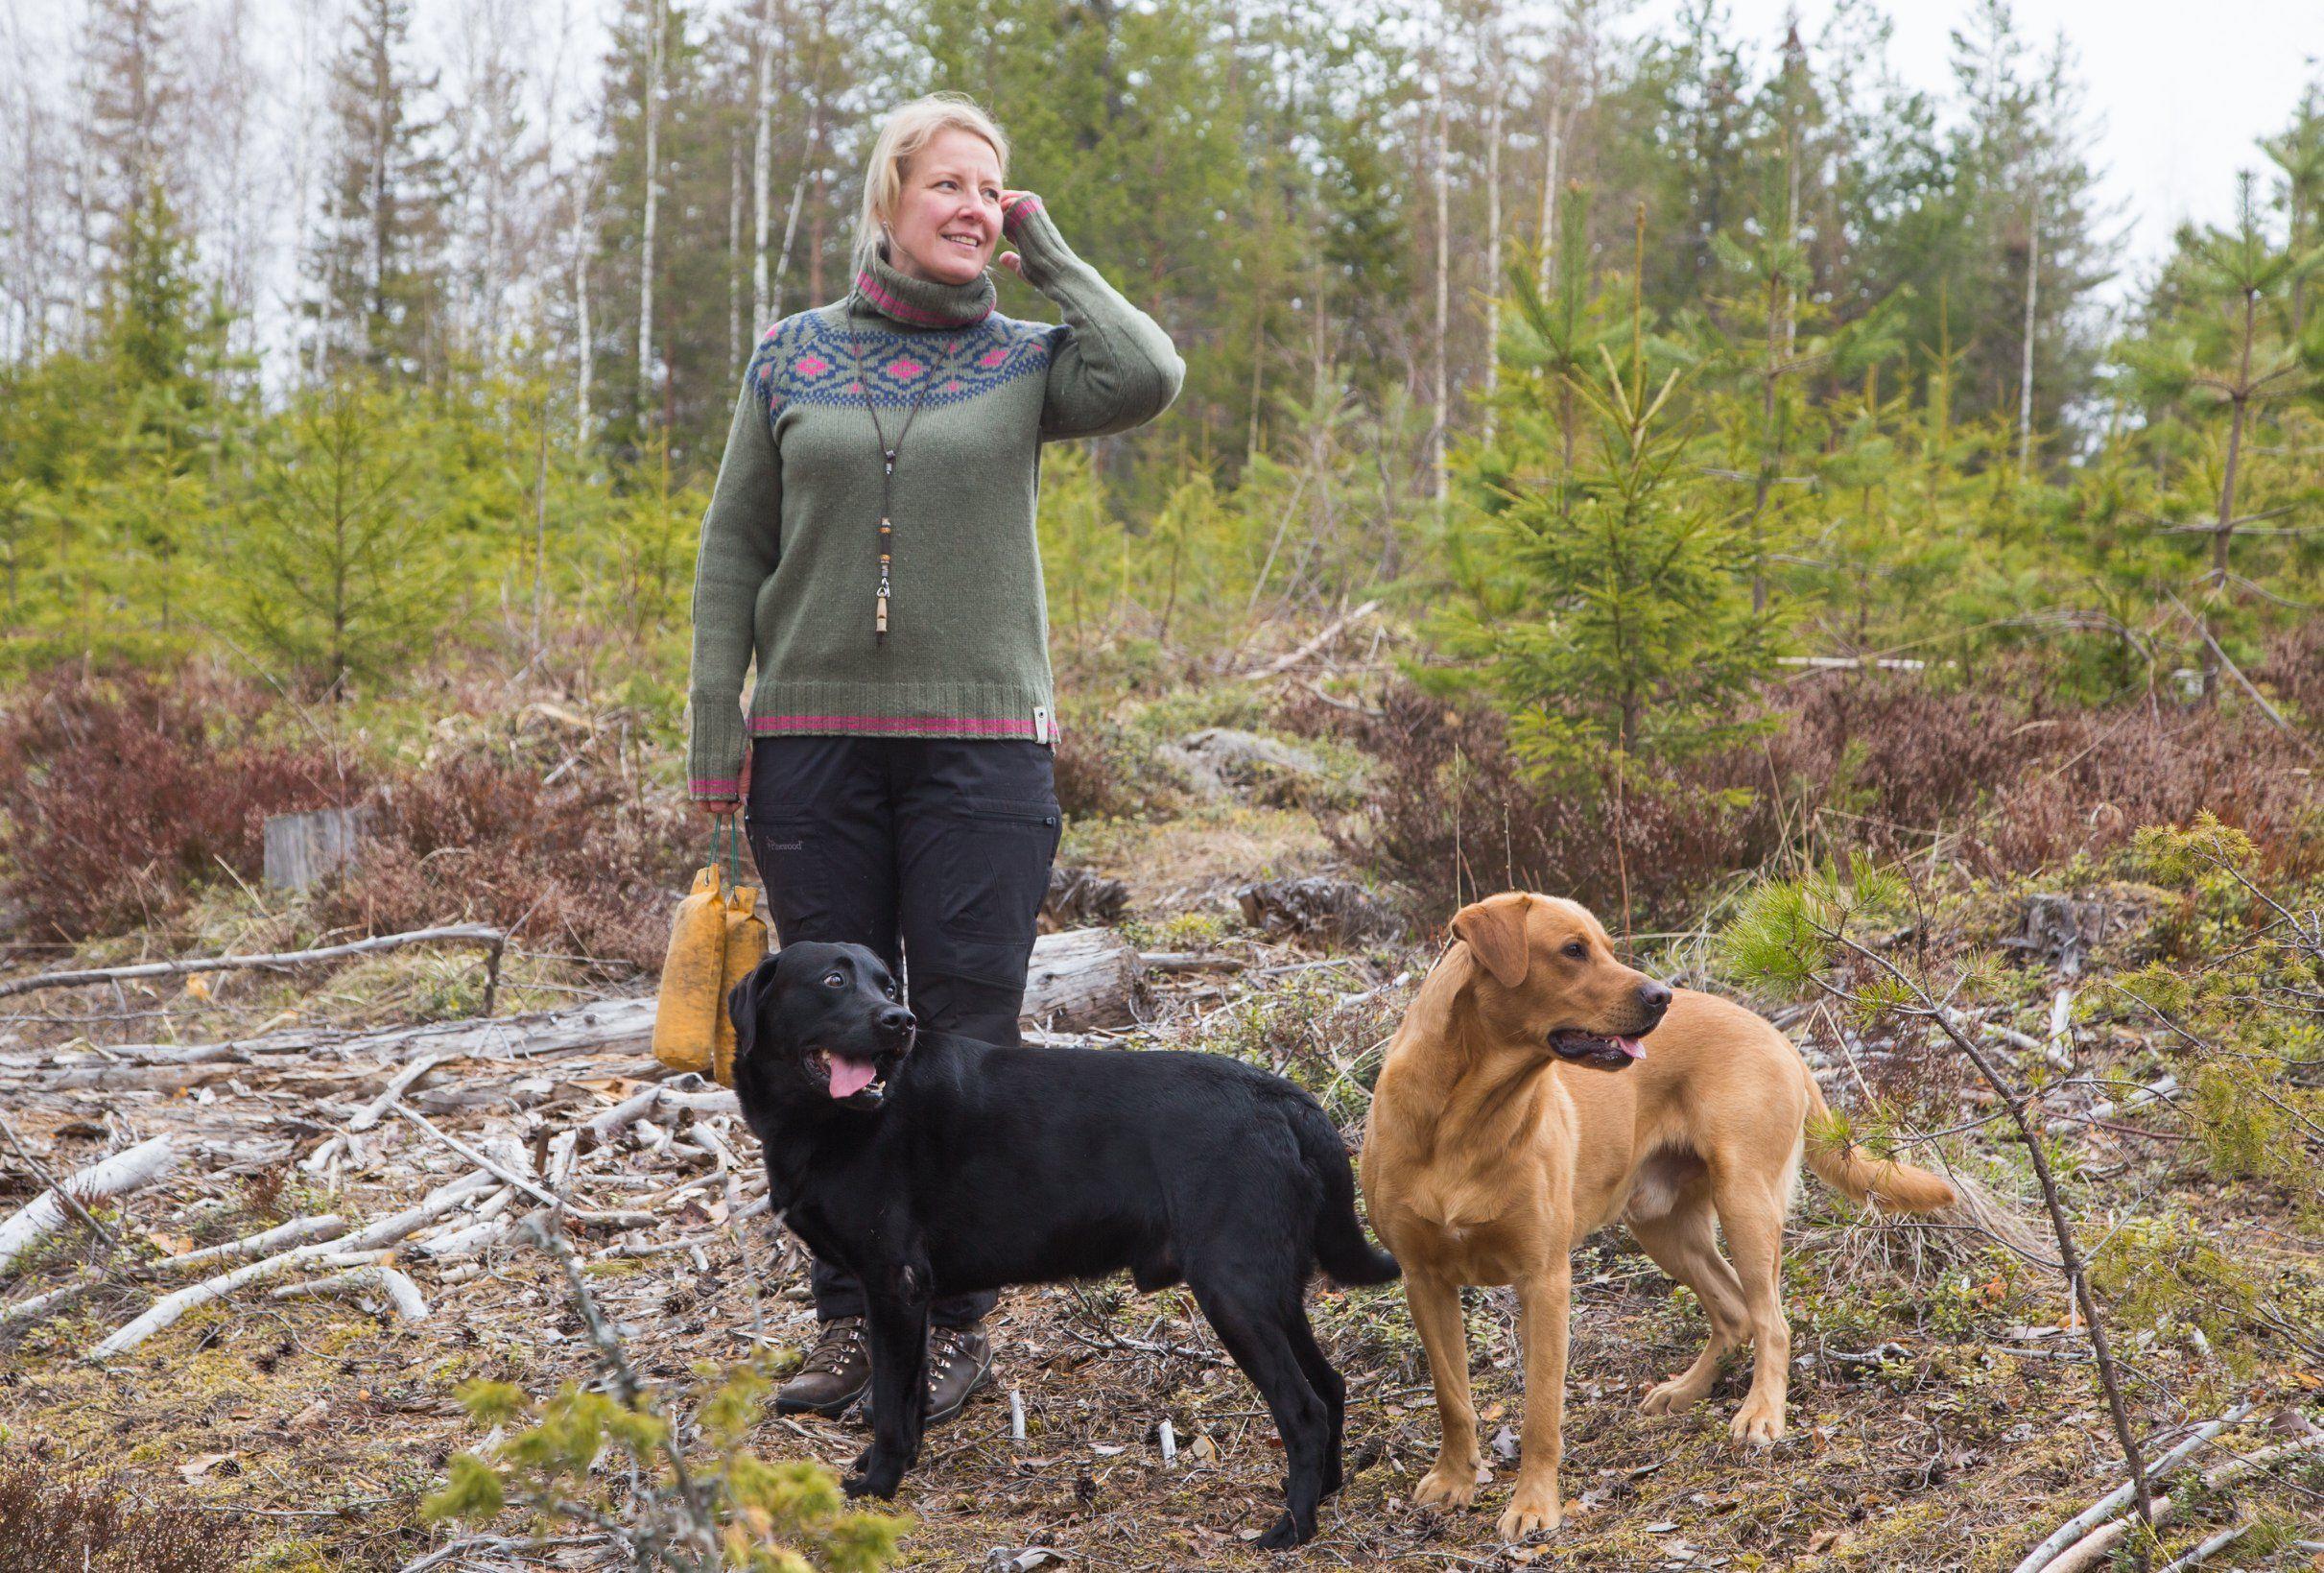 17.1.2021 Villilän jatkokurssi aloitteleville koirakoille